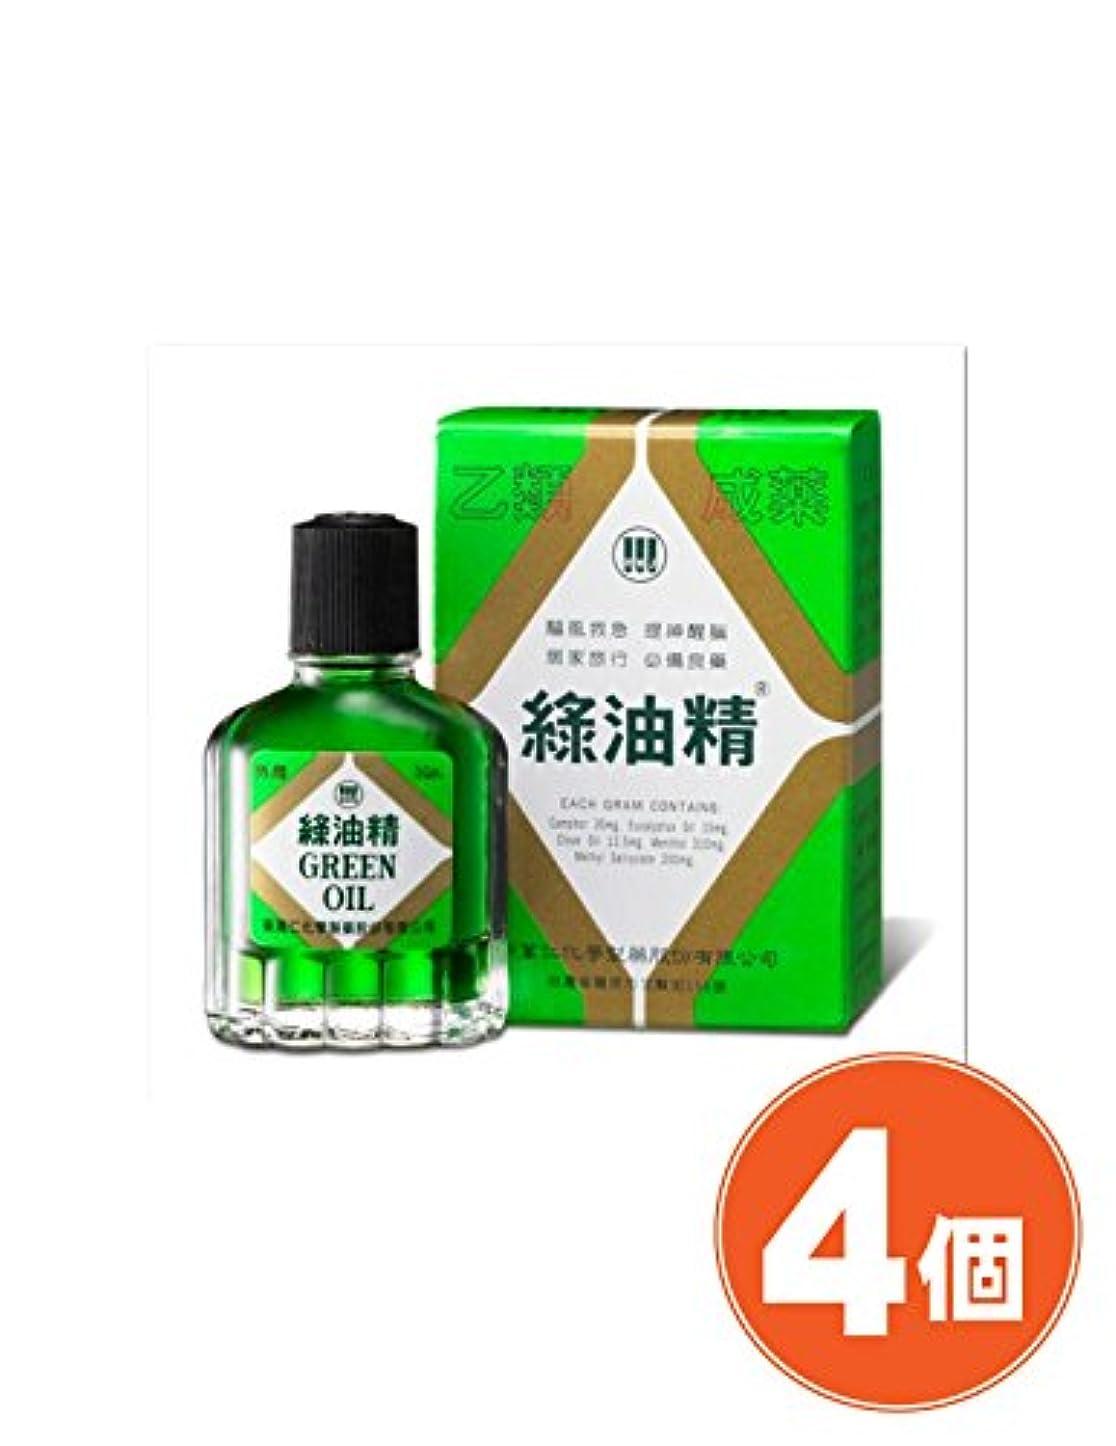 ヘルメット会う闇《新萬仁》台湾の万能グリーンオイル 緑油精 3g ×4個 《台湾 お土産》 [並行輸入品]